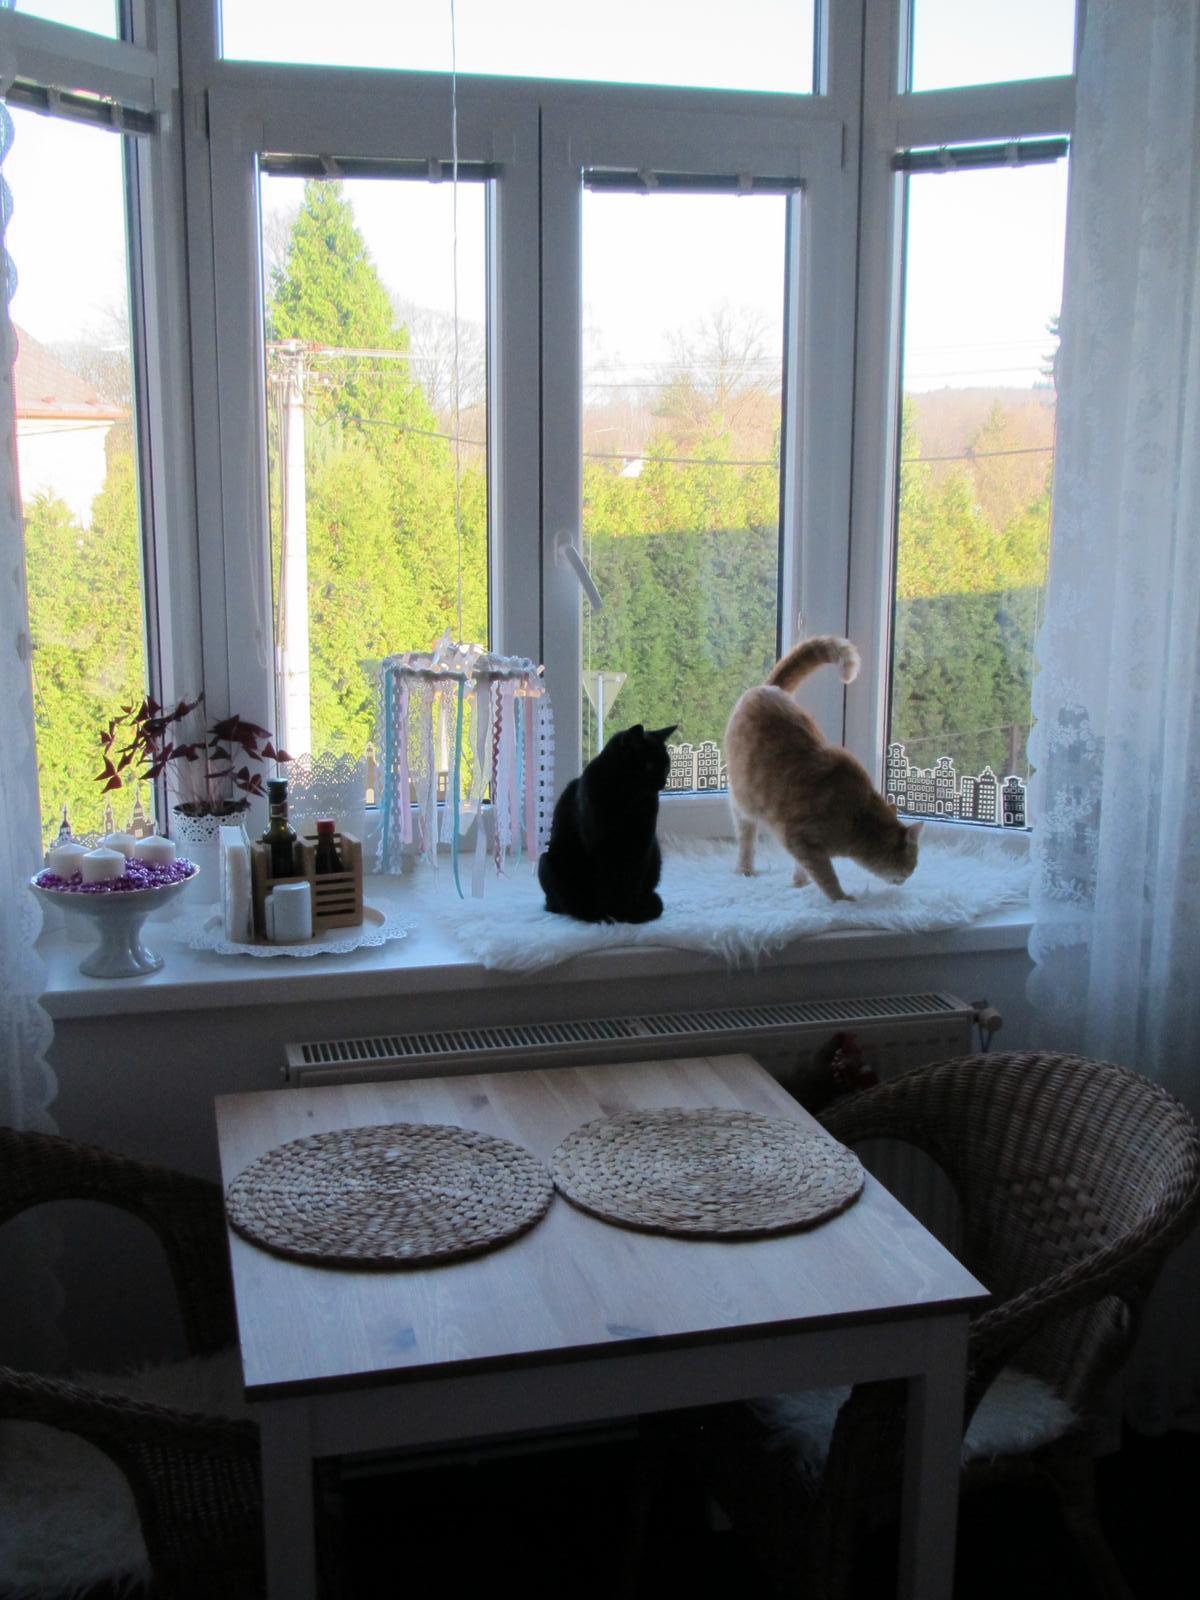 U nás... - Když se topí,kočičky se o toto místo perou...